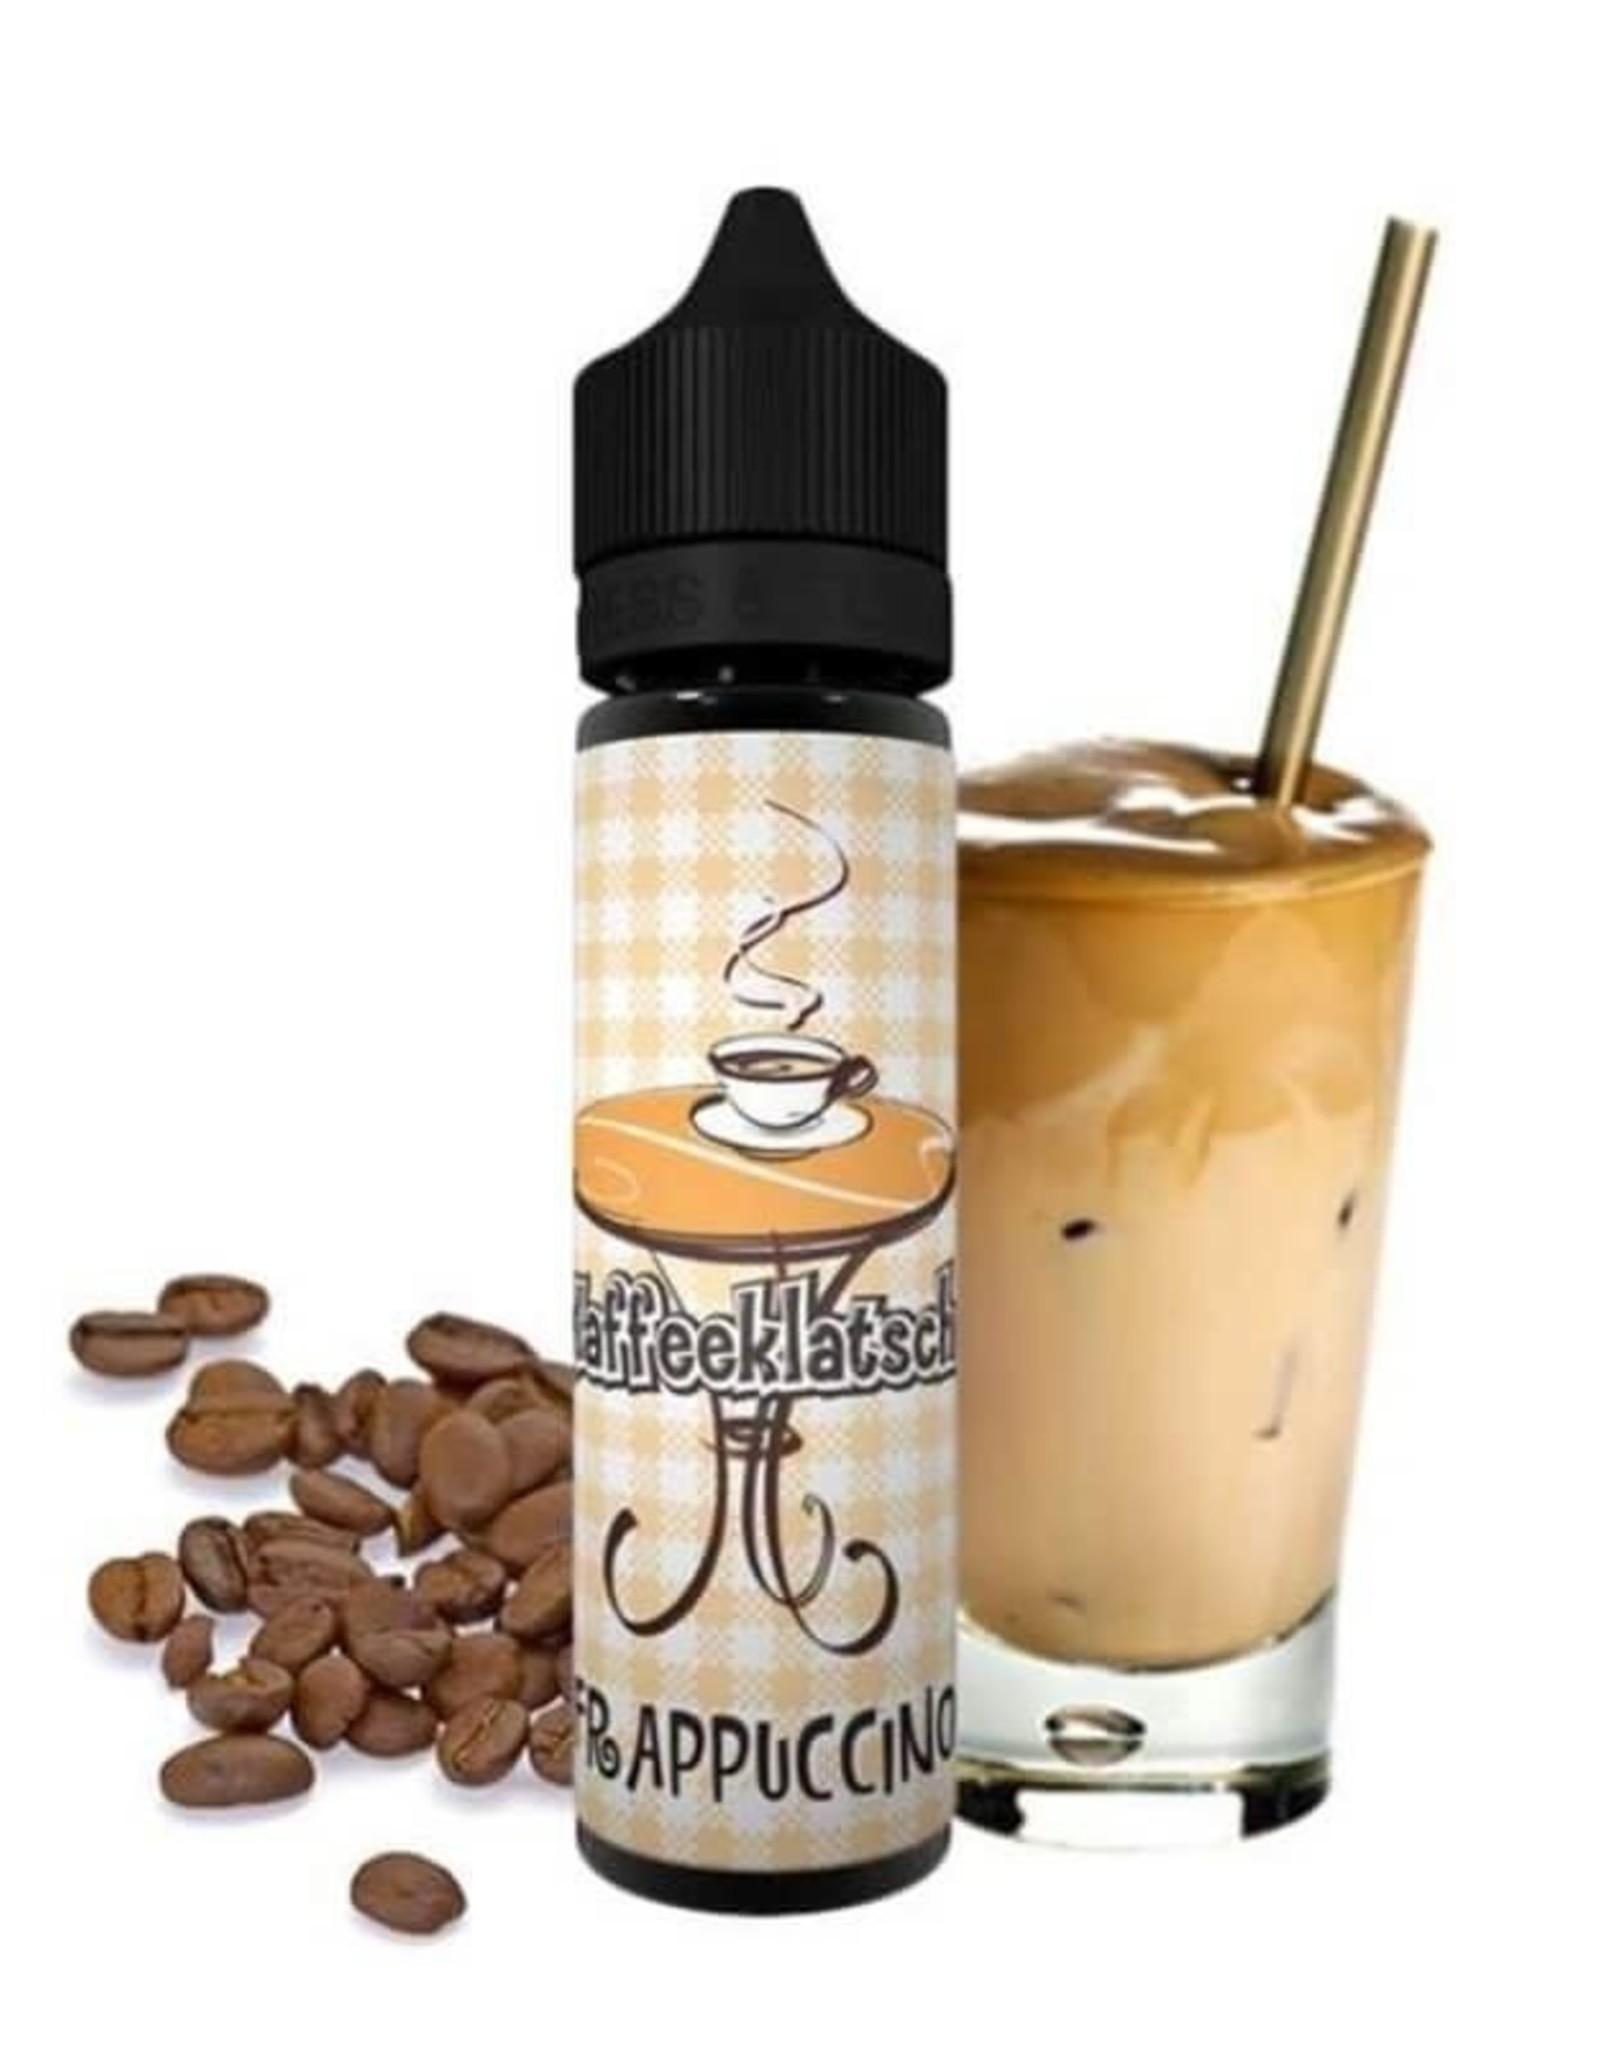 Kaffeeklatsch Kaffeeklatsch - Frappucino 20ml